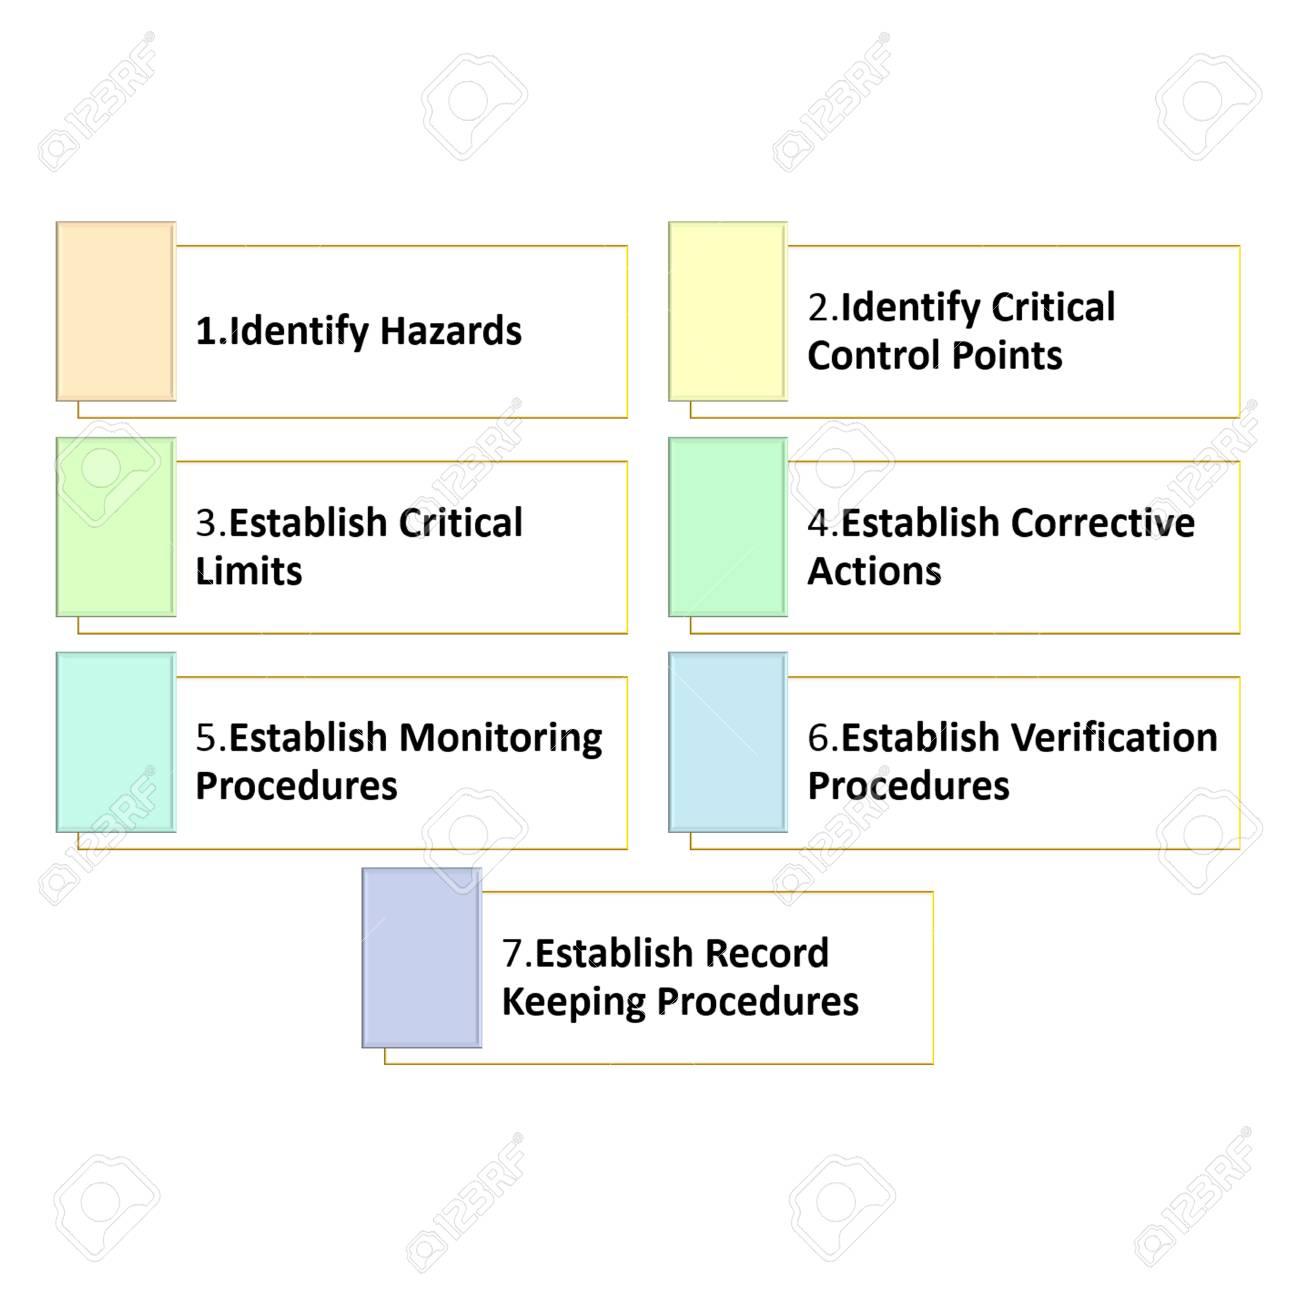 グラフのシンボルは haccp の 7 原則の説明します ロイヤリティー